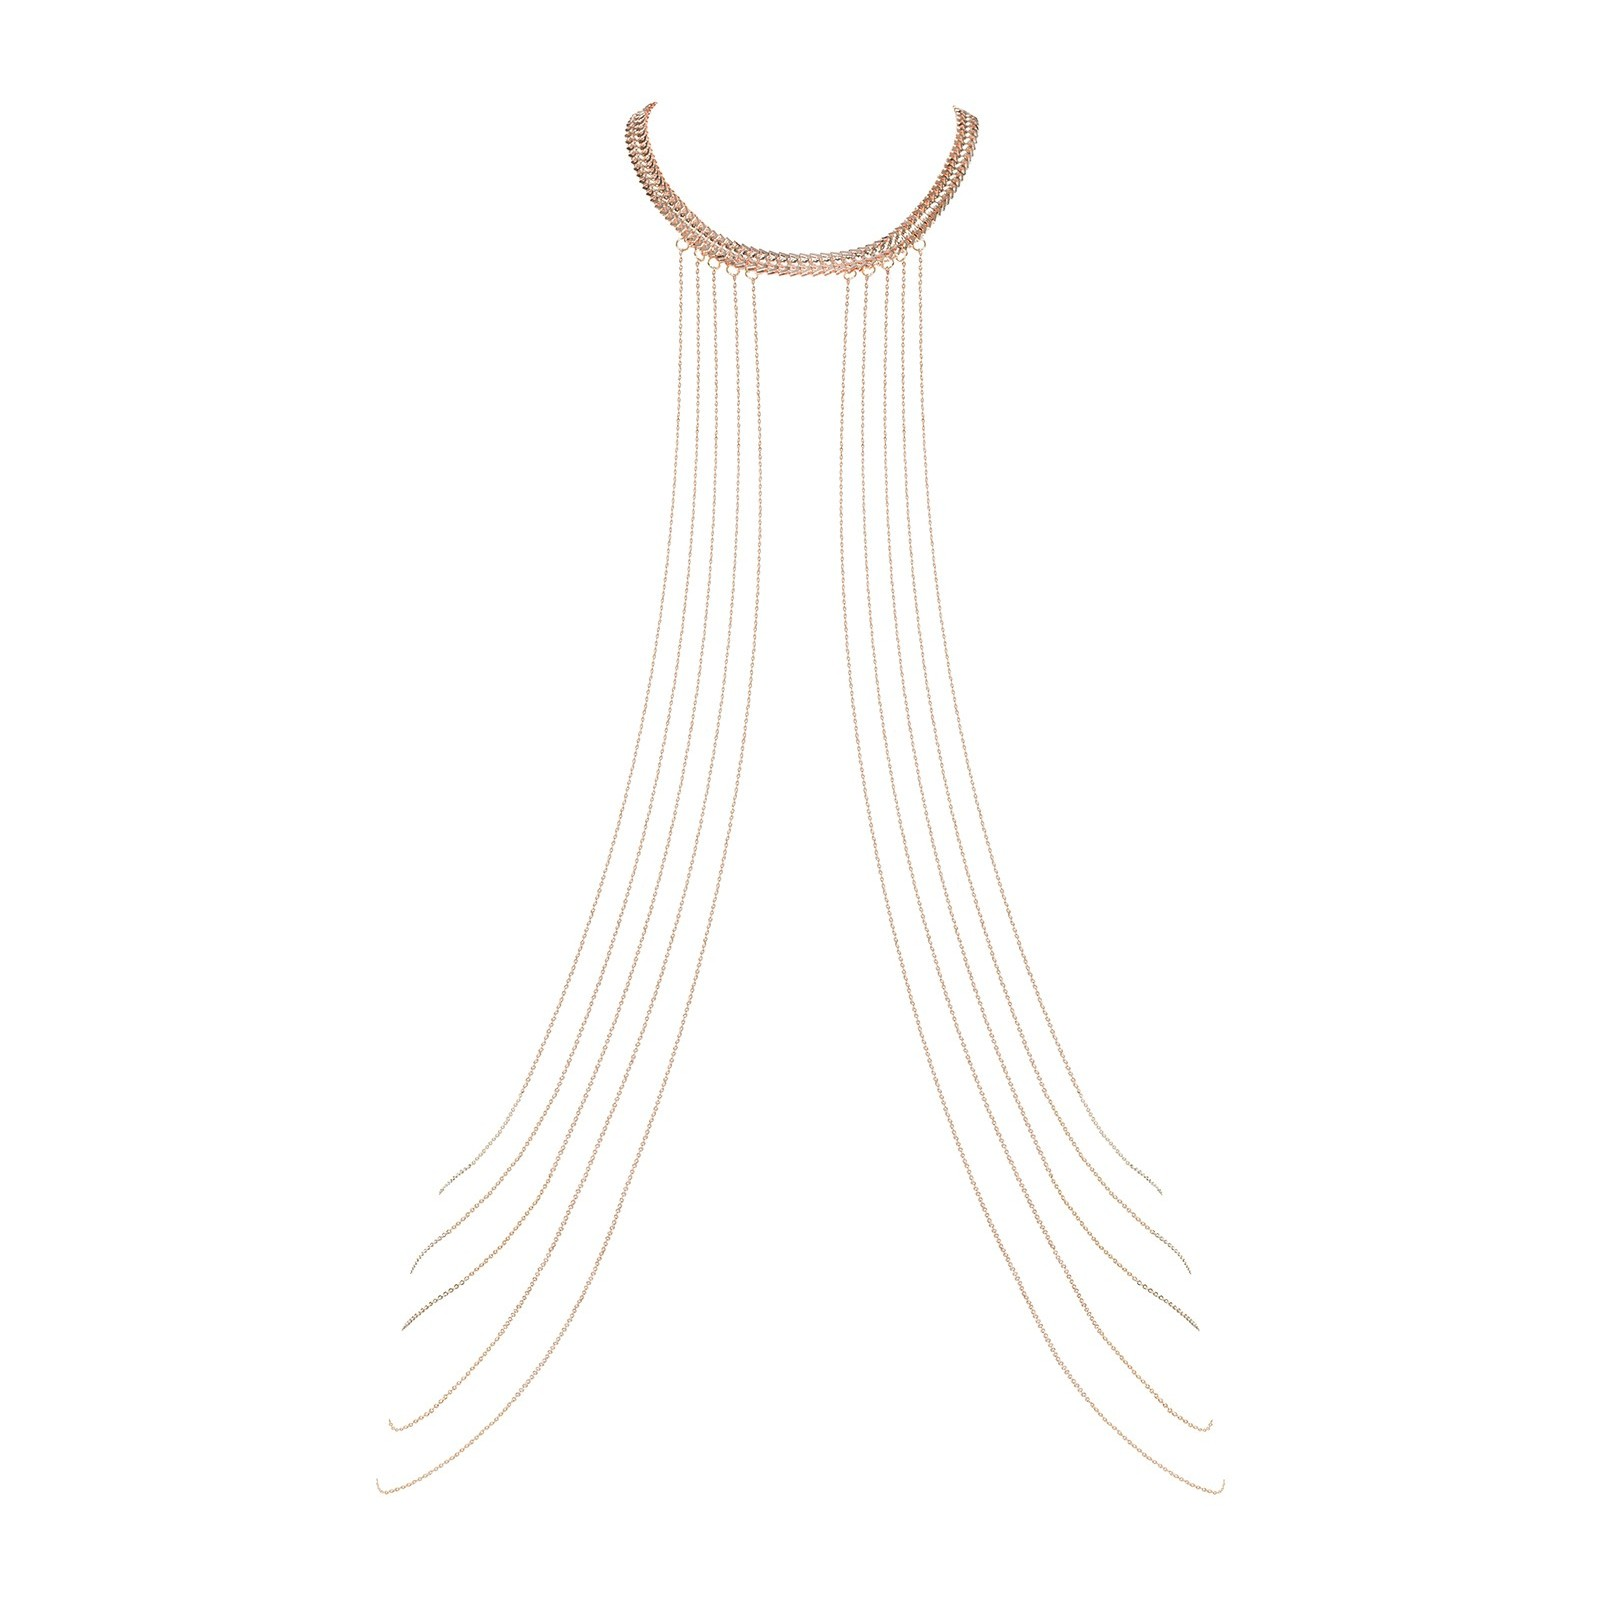 Halskette Bijou 903 - 5 - Vorschaubild